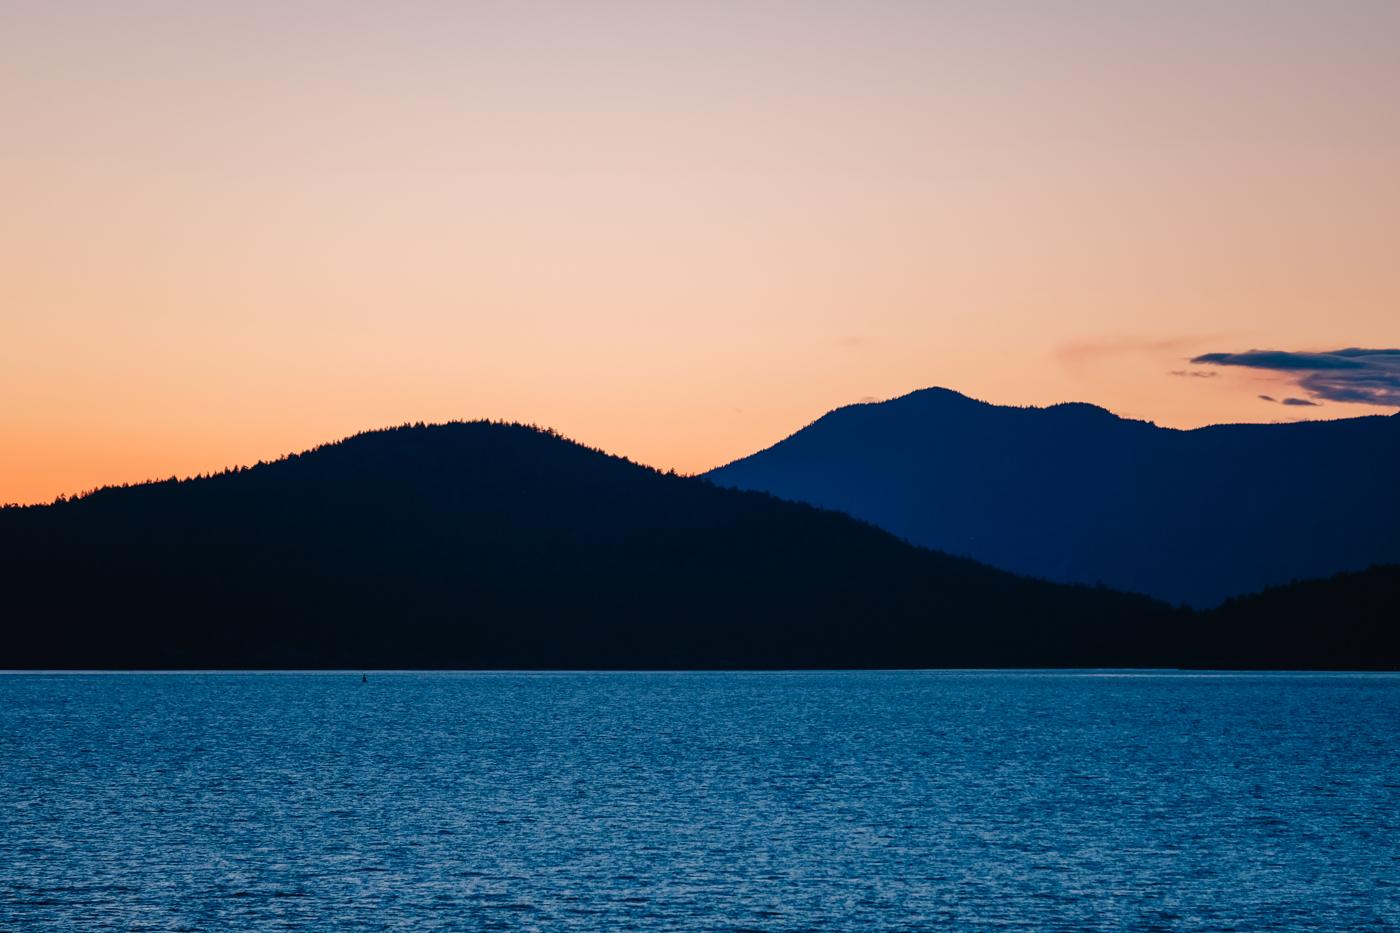 alaska-sunset-pink-sky.jpg